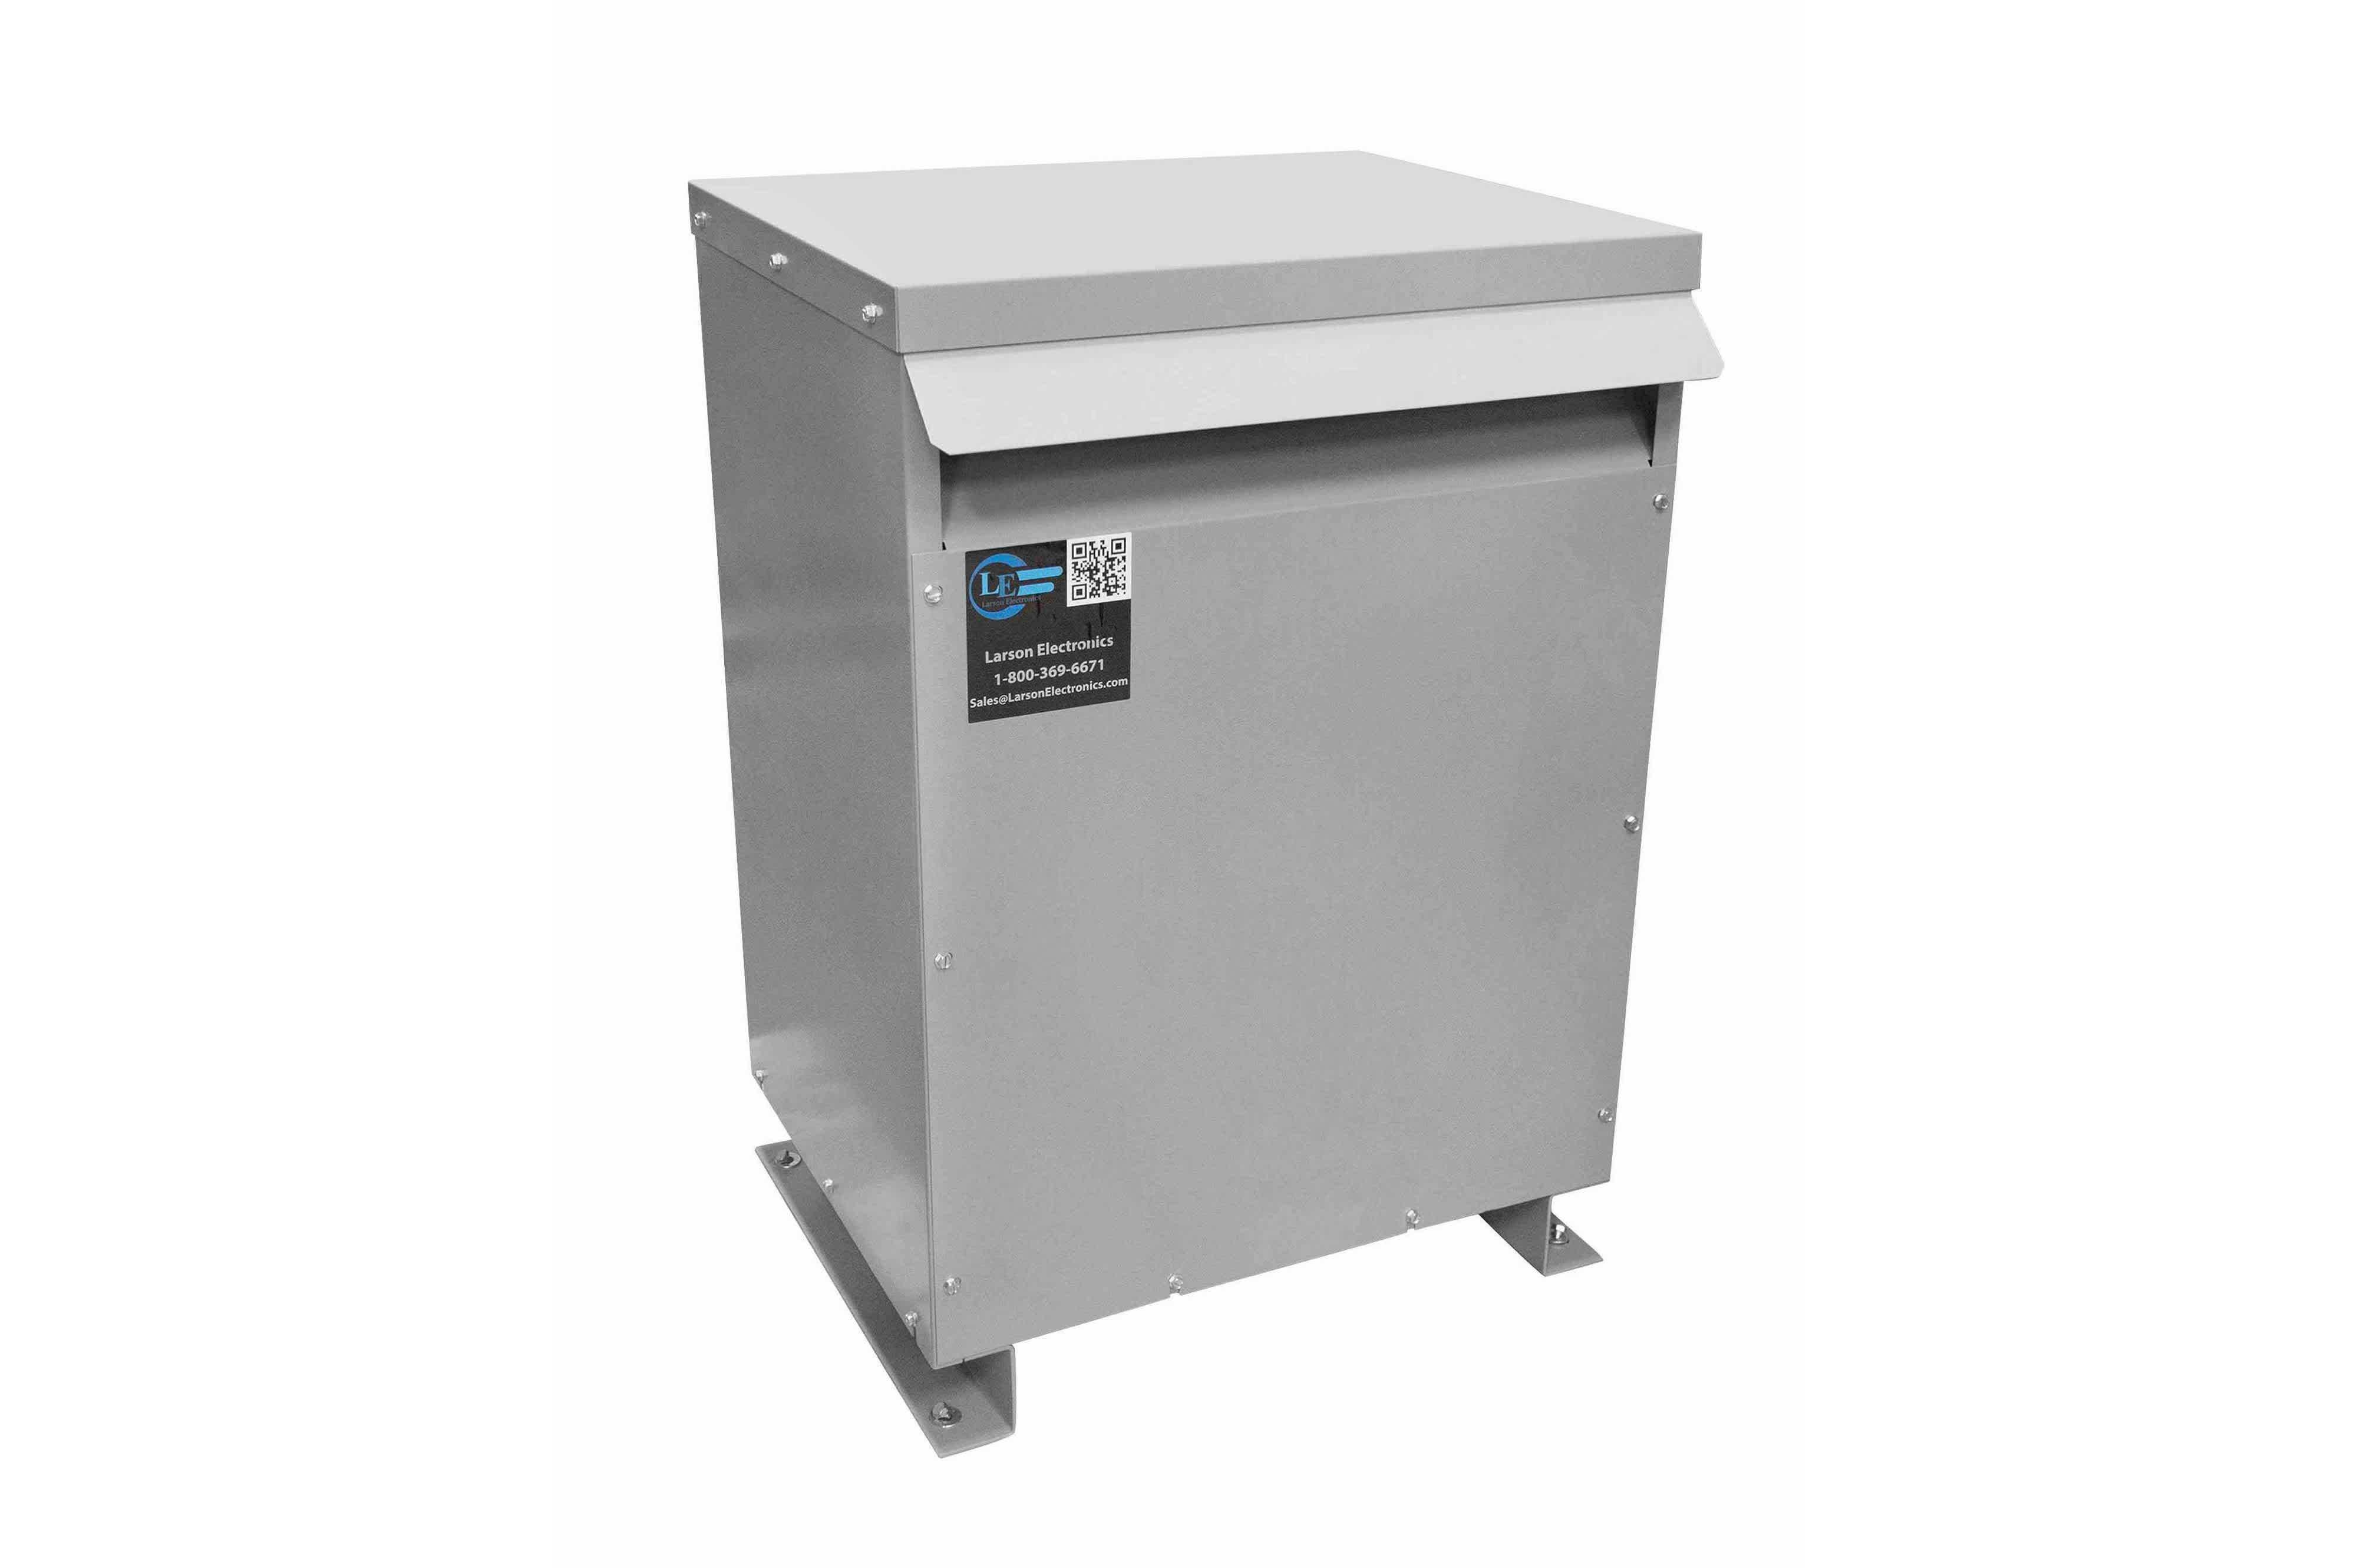 600 kVA 3PH Isolation Transformer, 208V Delta Primary, 380V Delta Secondary, N3R, Ventilated, 60 Hz